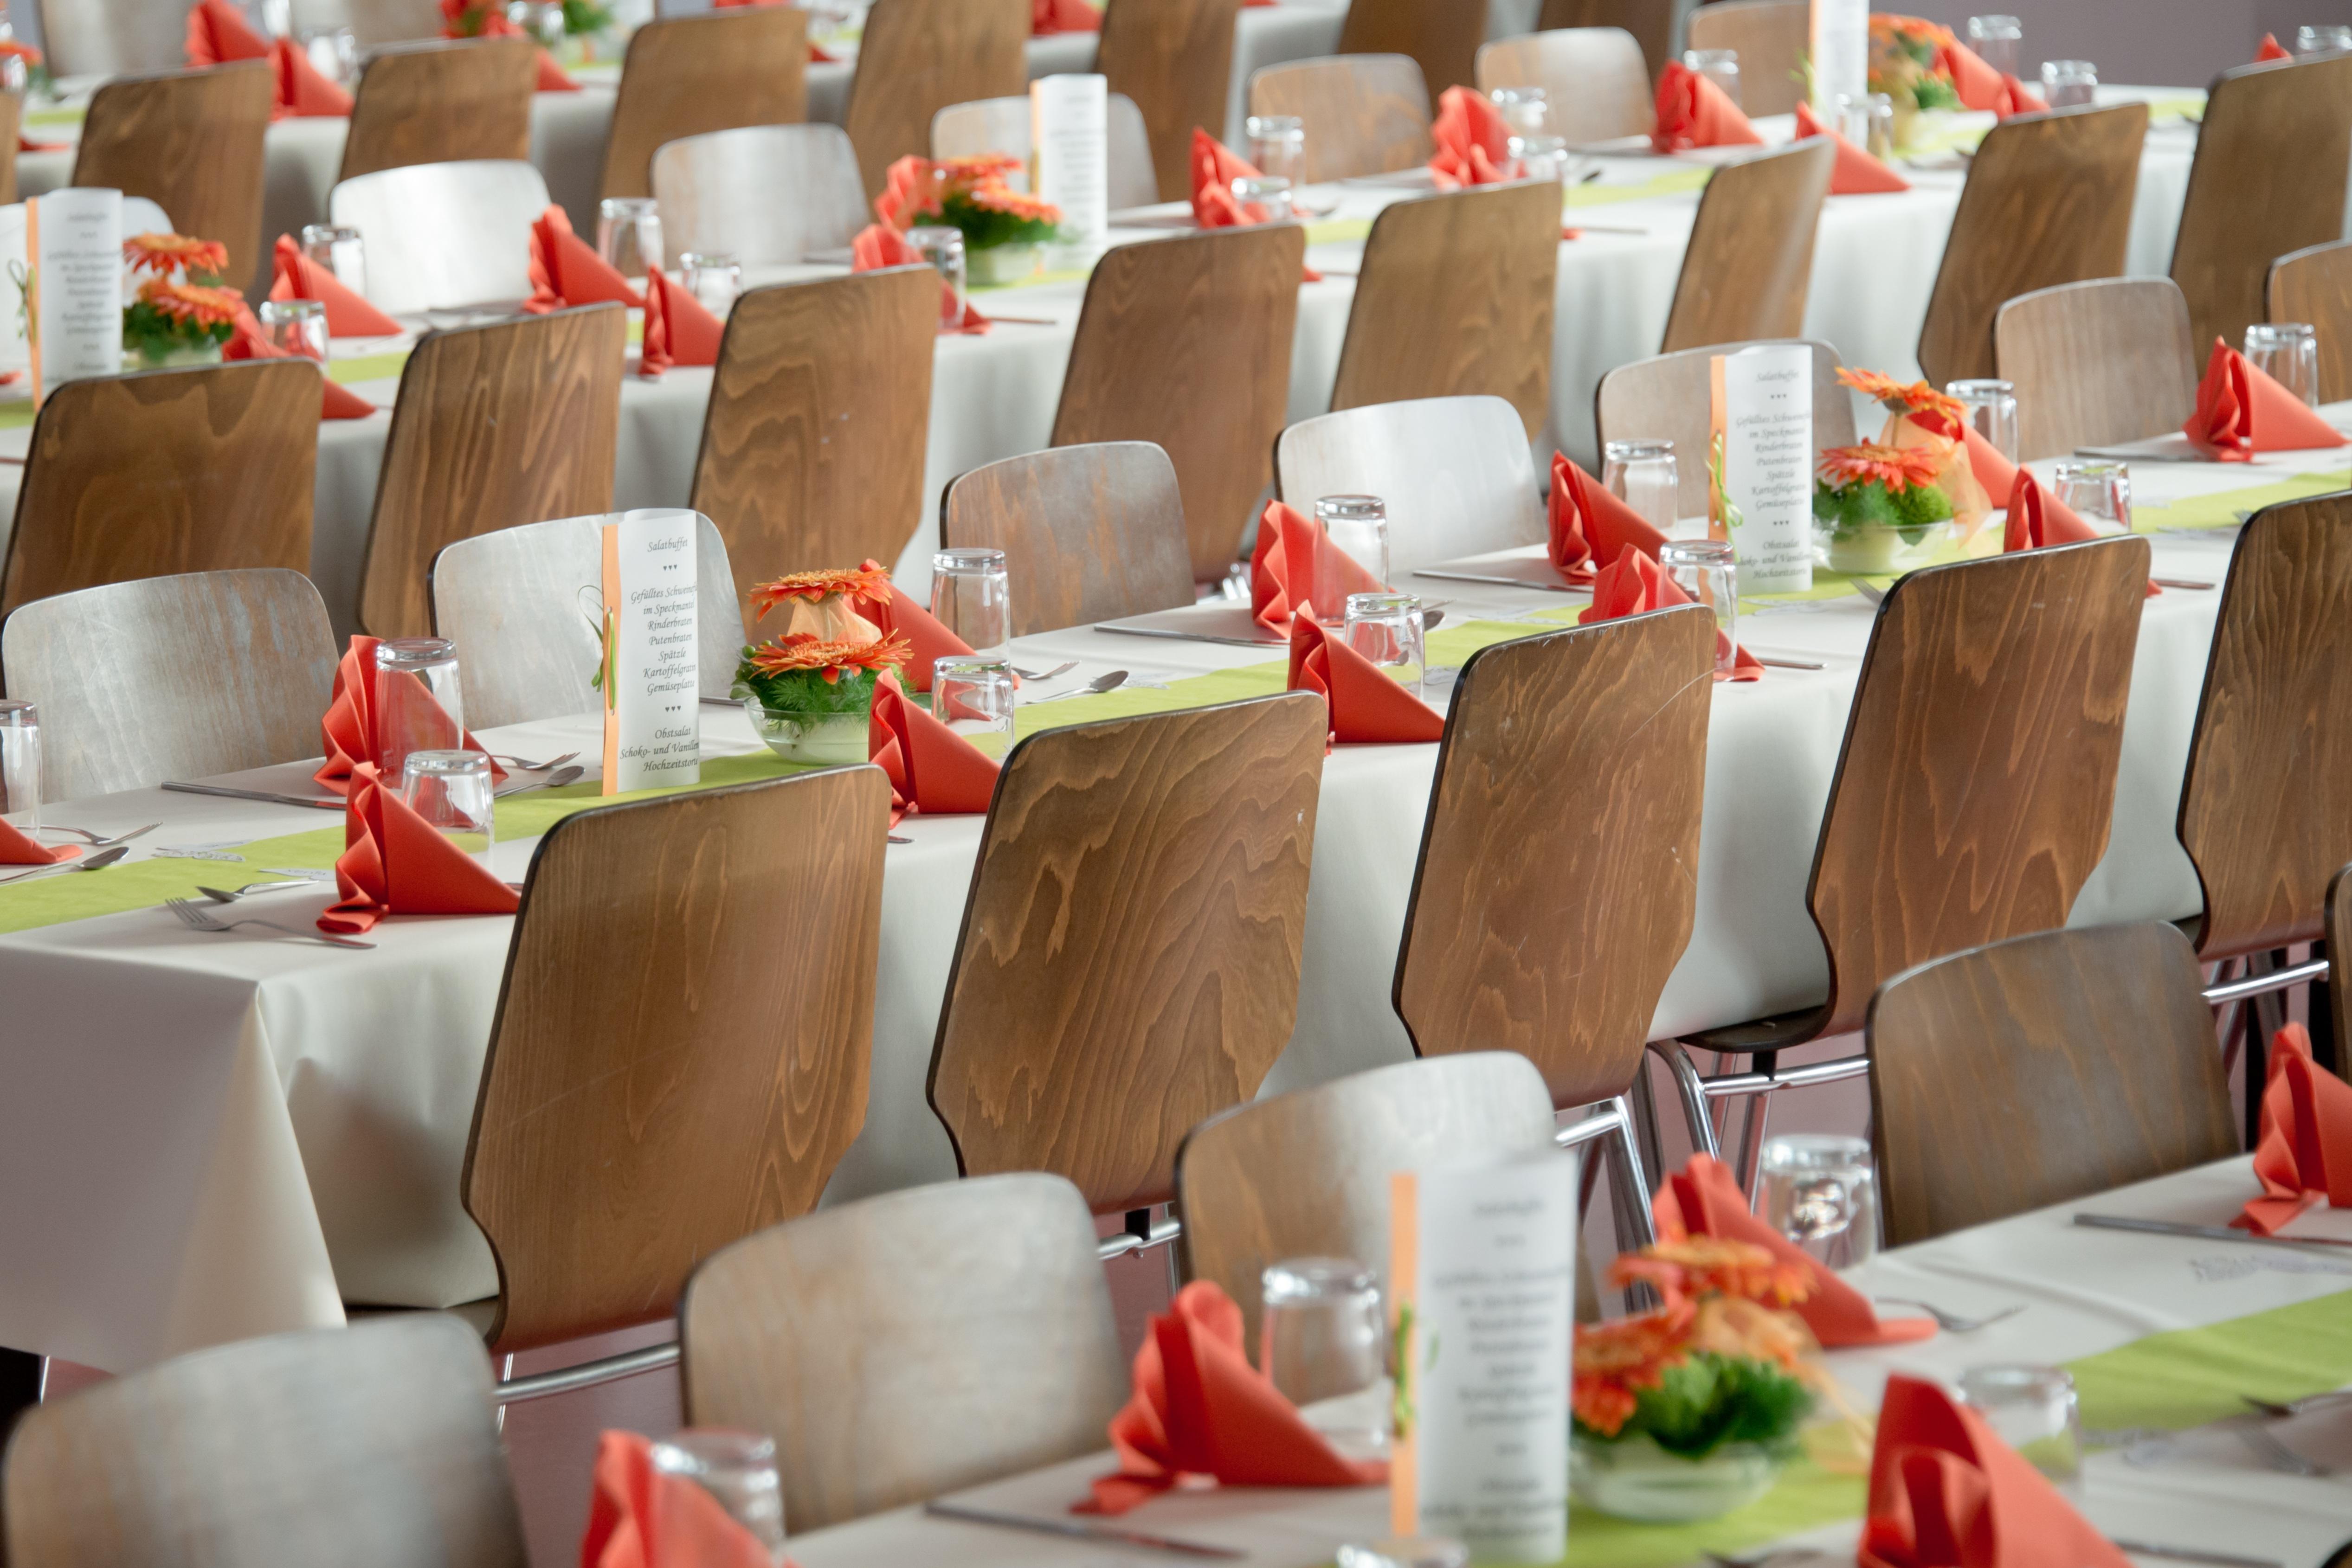 Merveilleux Planche Restaurant Fête Repas Salle Mariage Manger Le Déjeuner Déco Chaises  Société Fête Banquet Couverture Brunch